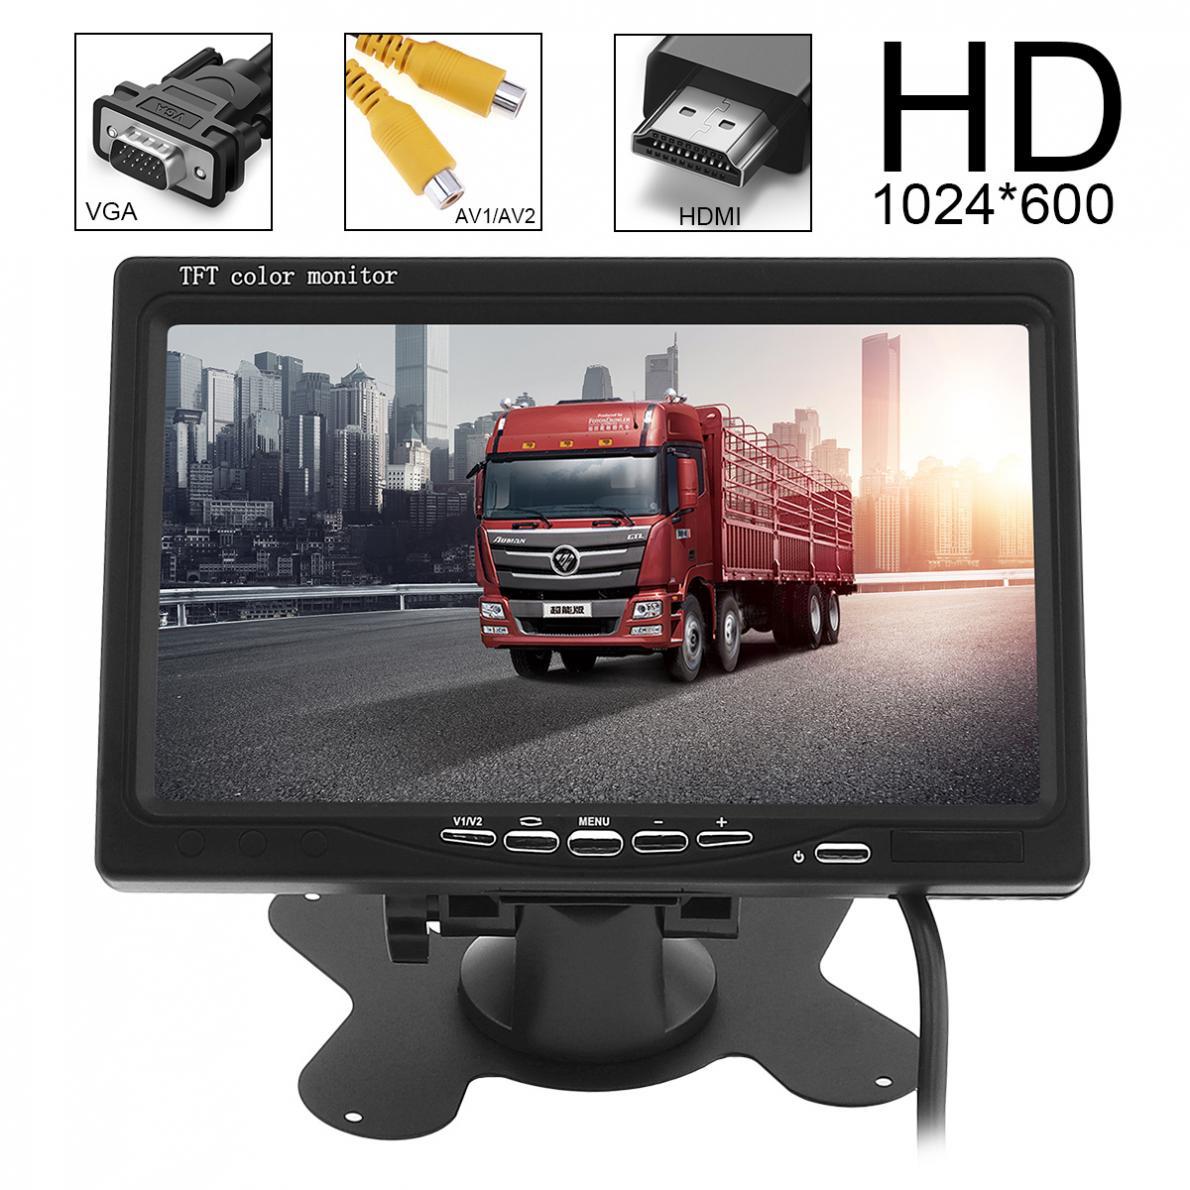 7 дюймов HD 600x1024 TFT ЖК-дисплей цветной экран автомобиля заднего вида монитор 2 видео вход DVD VCD подголовник автомобиля монитор Поддержка HDMI VGA